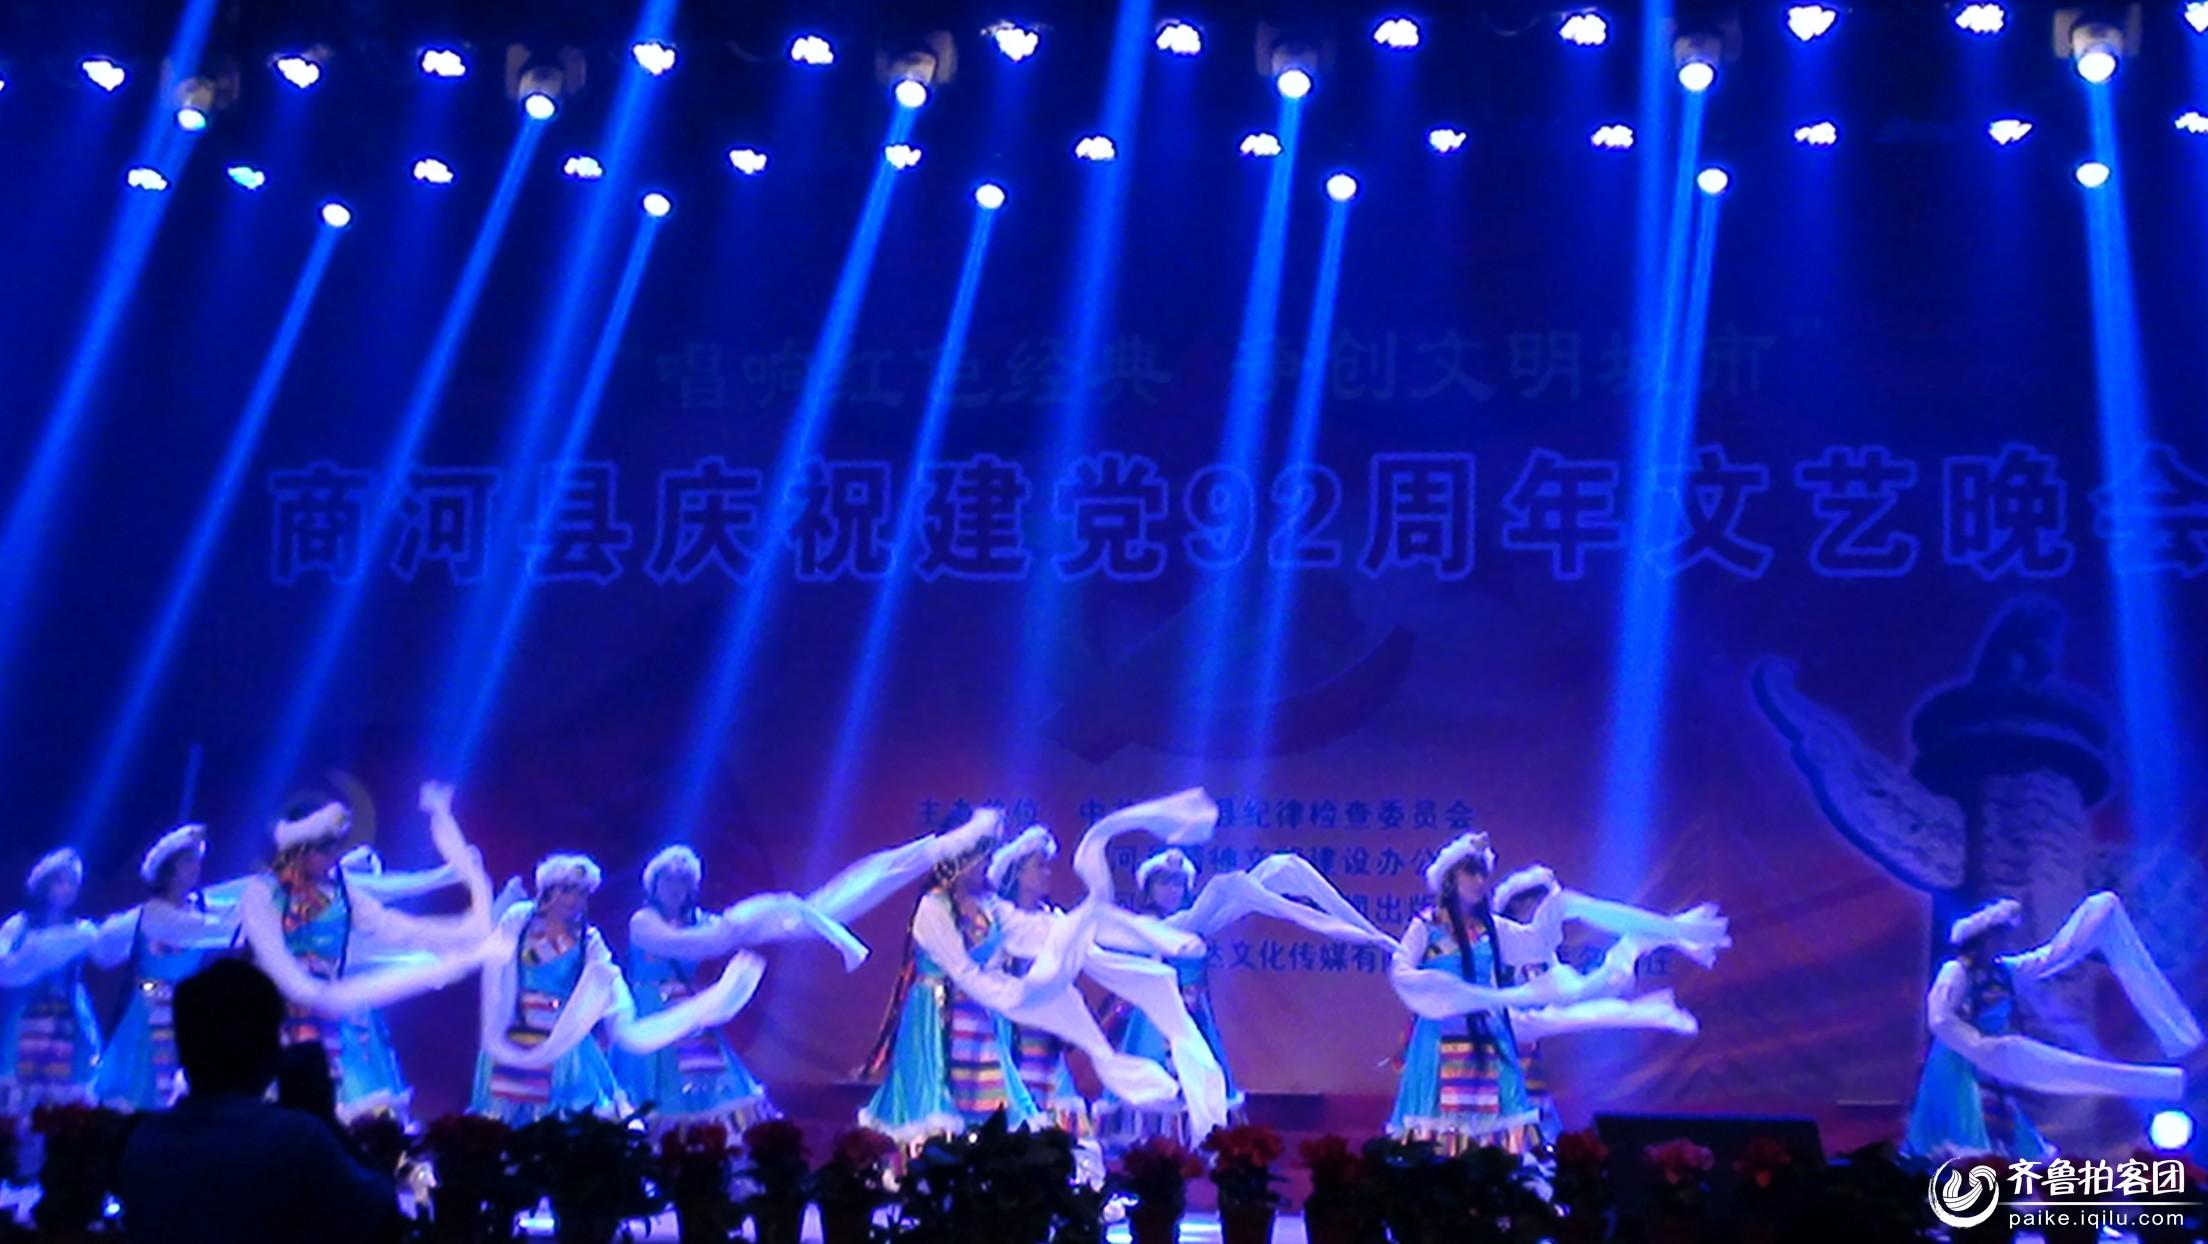 舞蹈-《最美的歌儿献给妈妈》